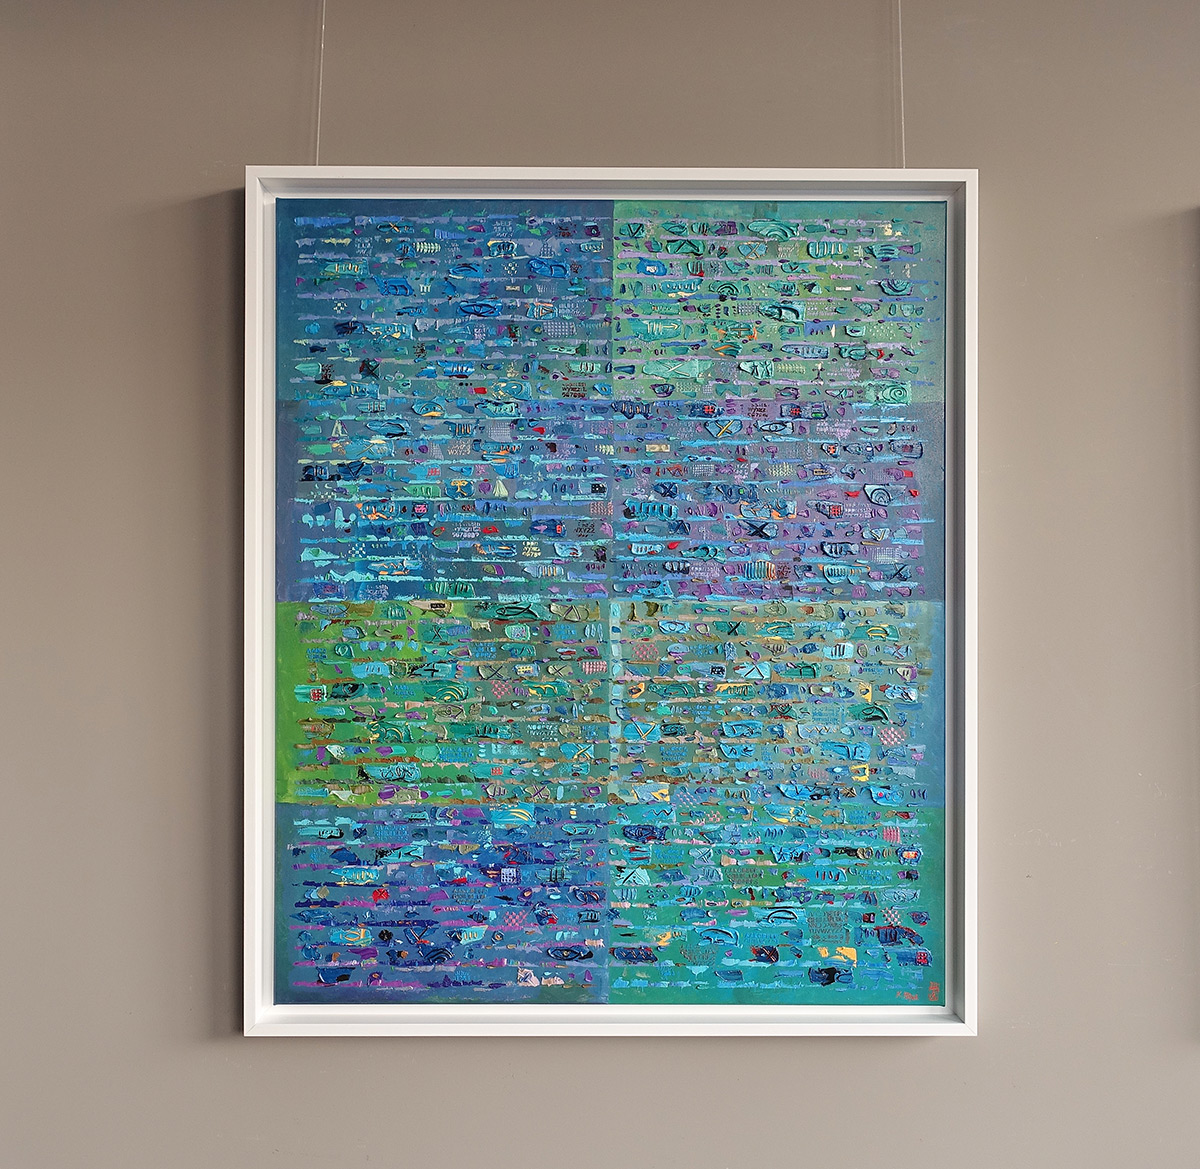 Krzysztof Pająk : Blue DNA codes